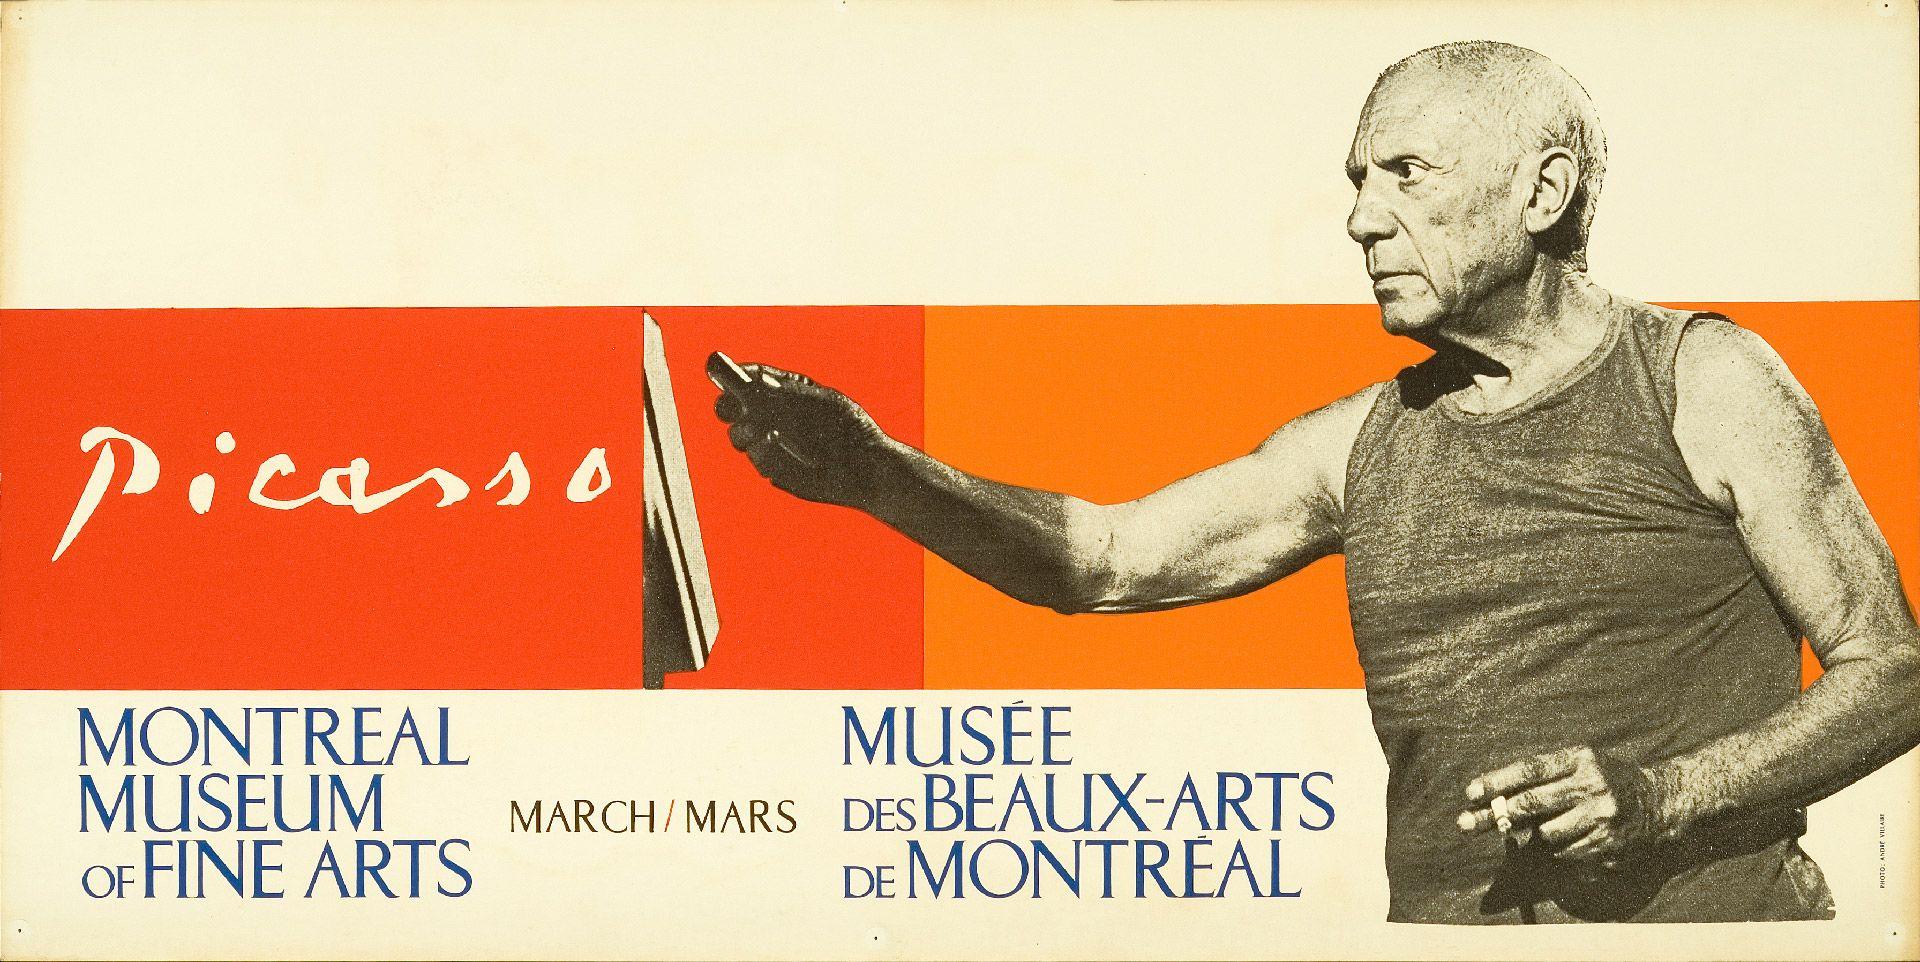 Picasso, affiche de l'exposition, 1964.